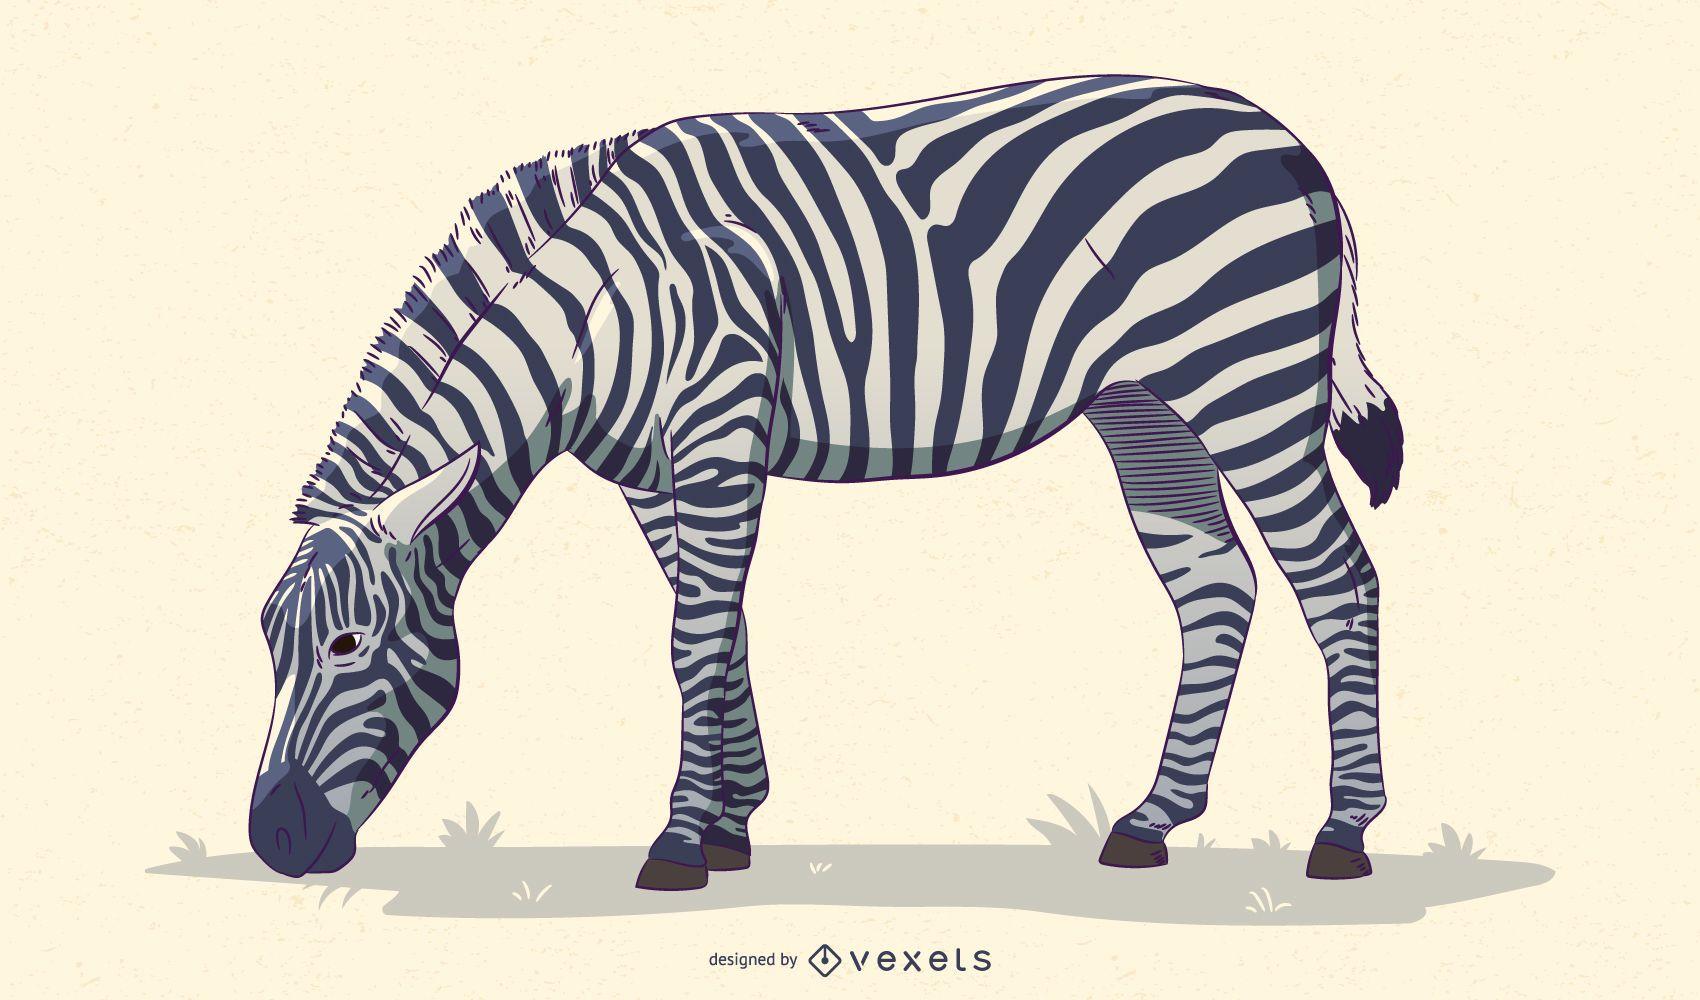 Zebra illustration design